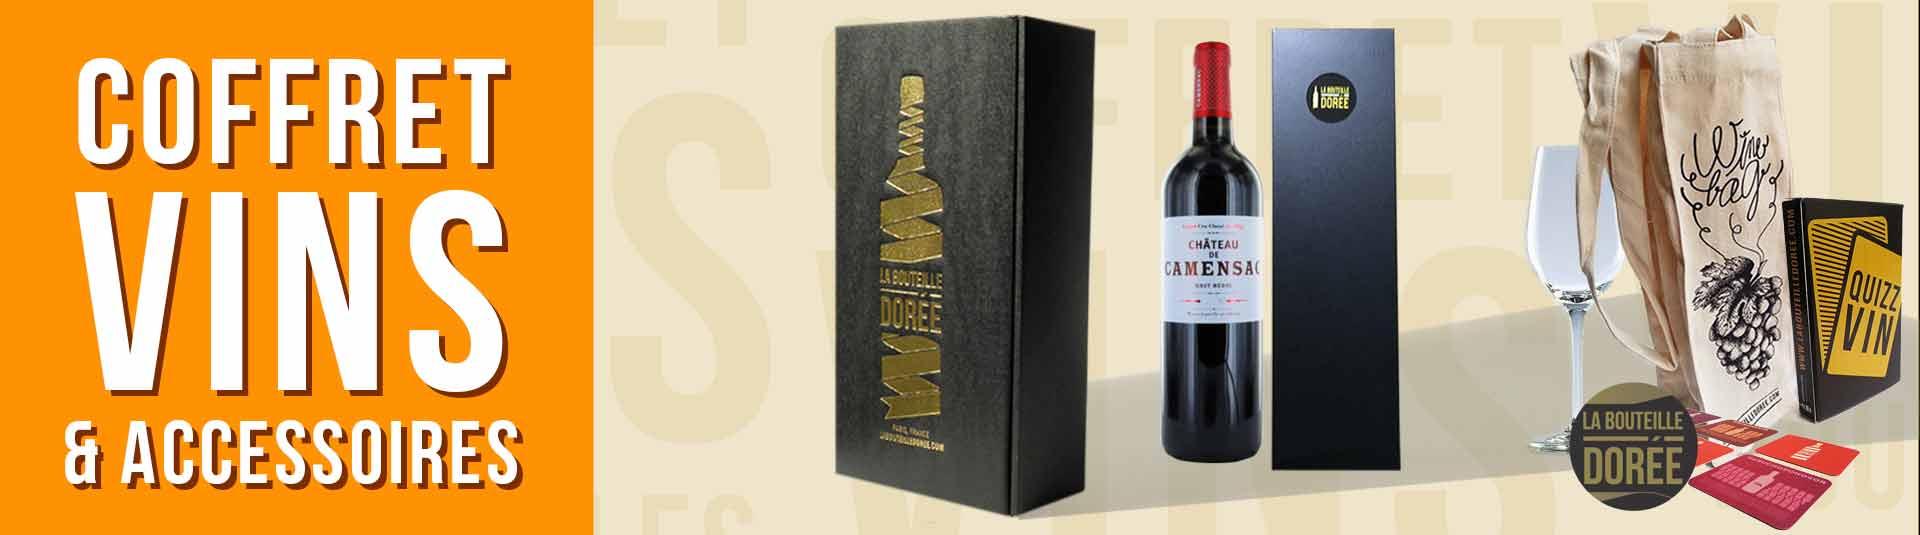 coffret vin 1986 avec accessoires